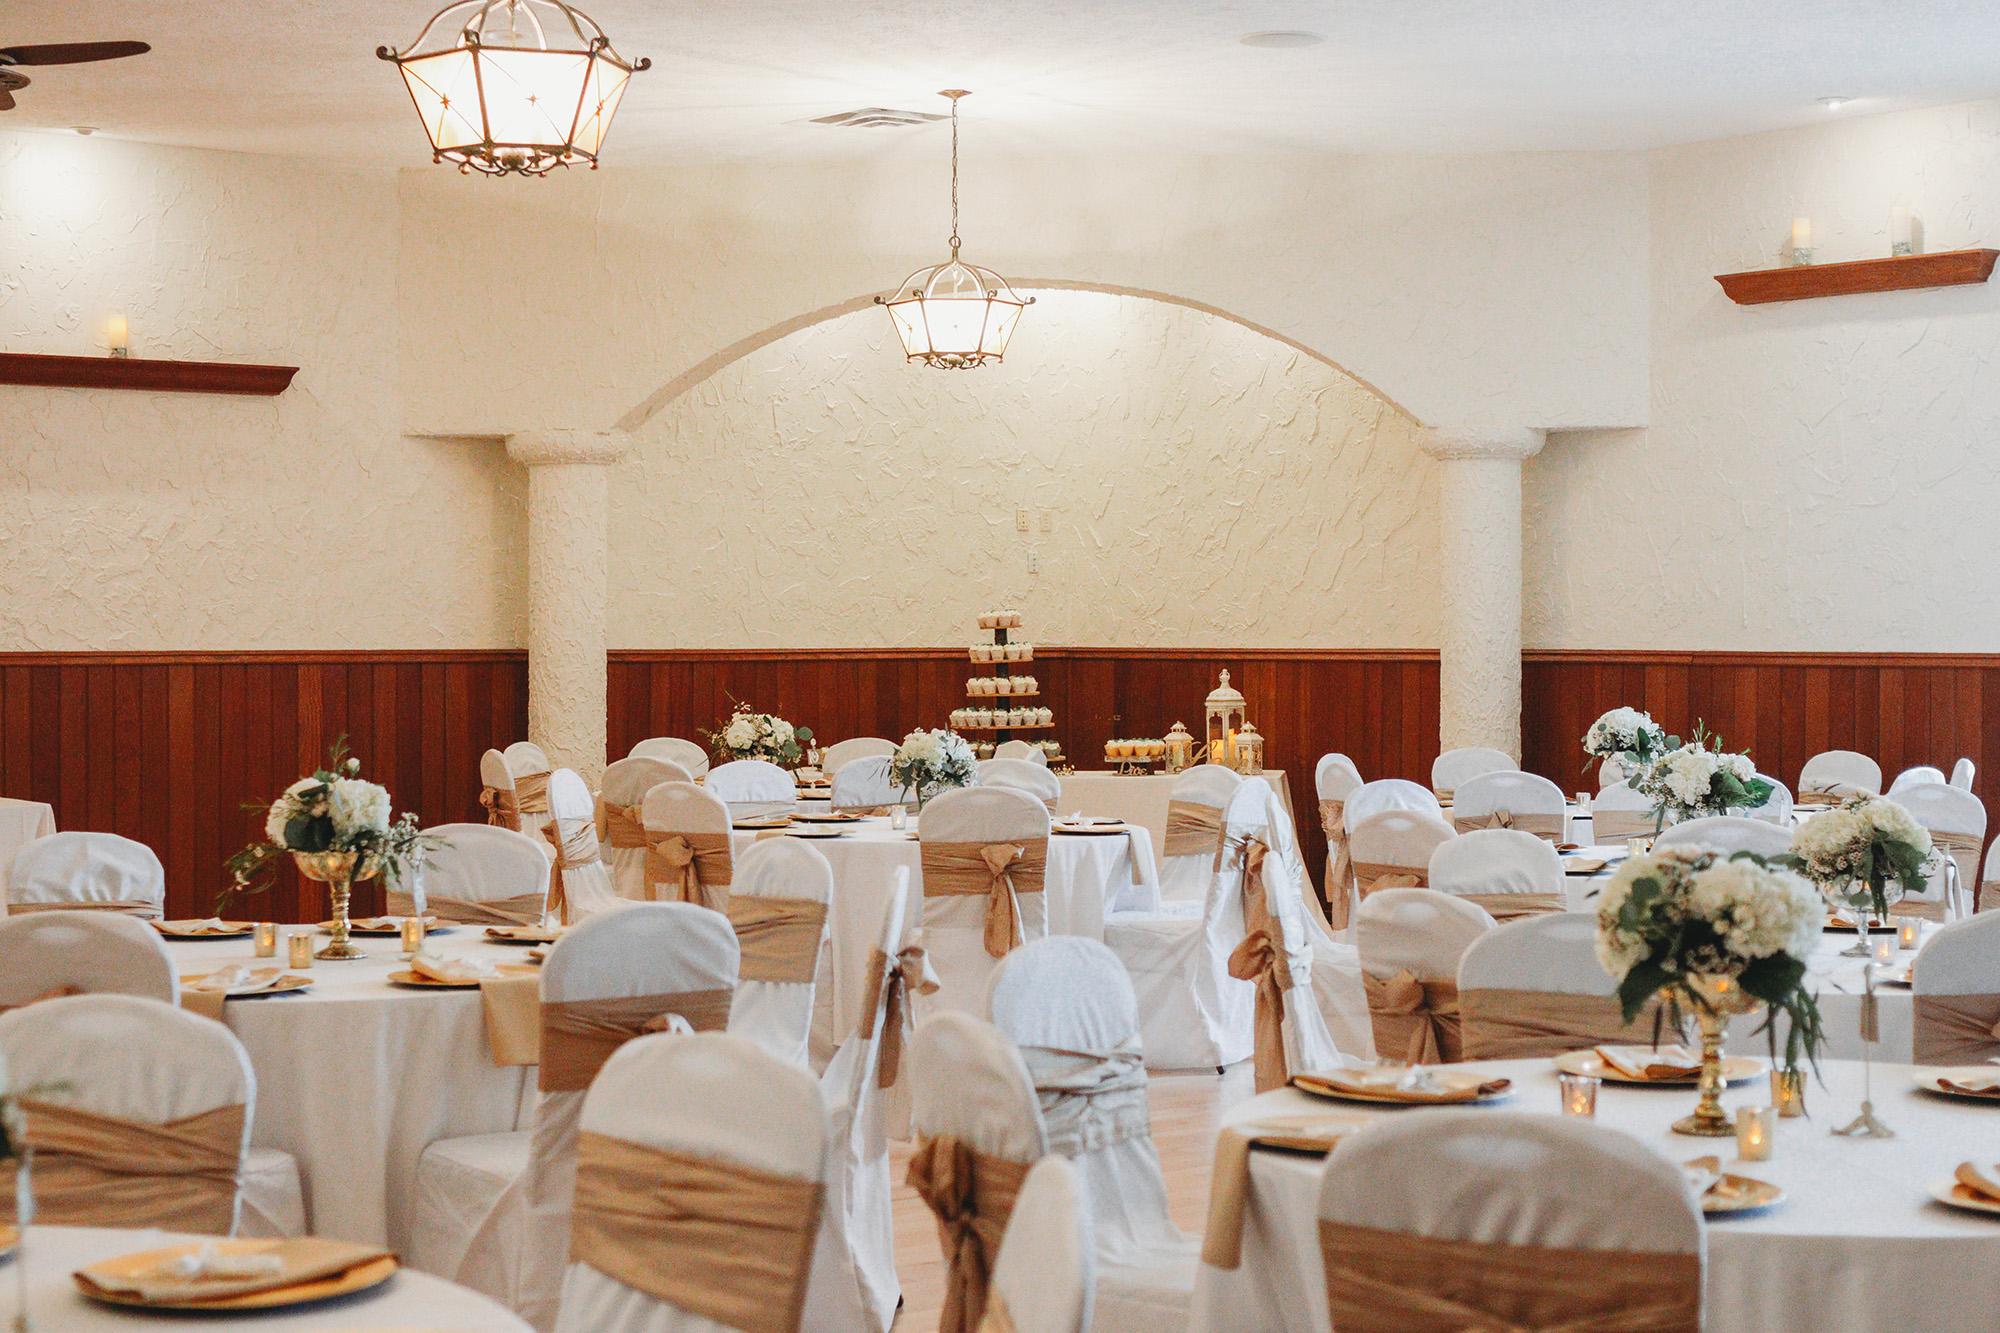 Grand Traverse Event Center Wedding And Event Center